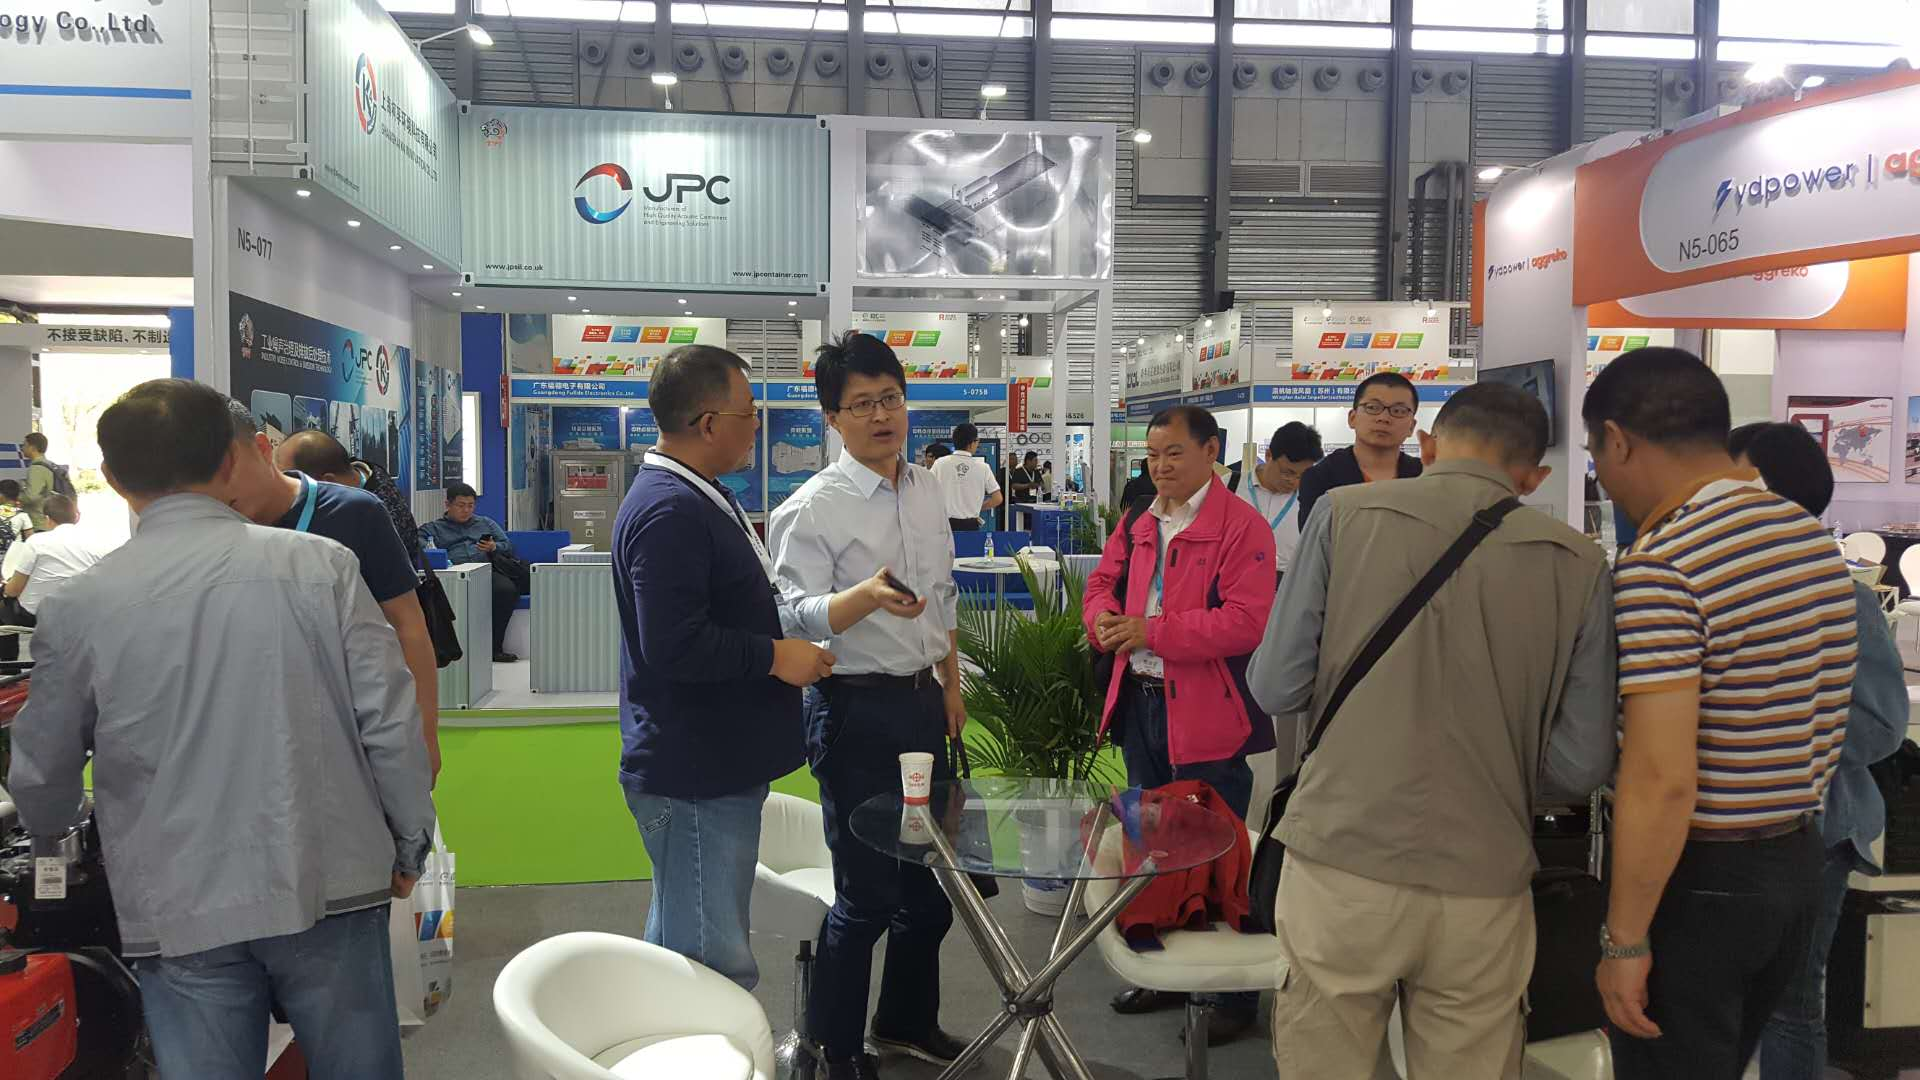 常柴公司参加第十七届上海动力展